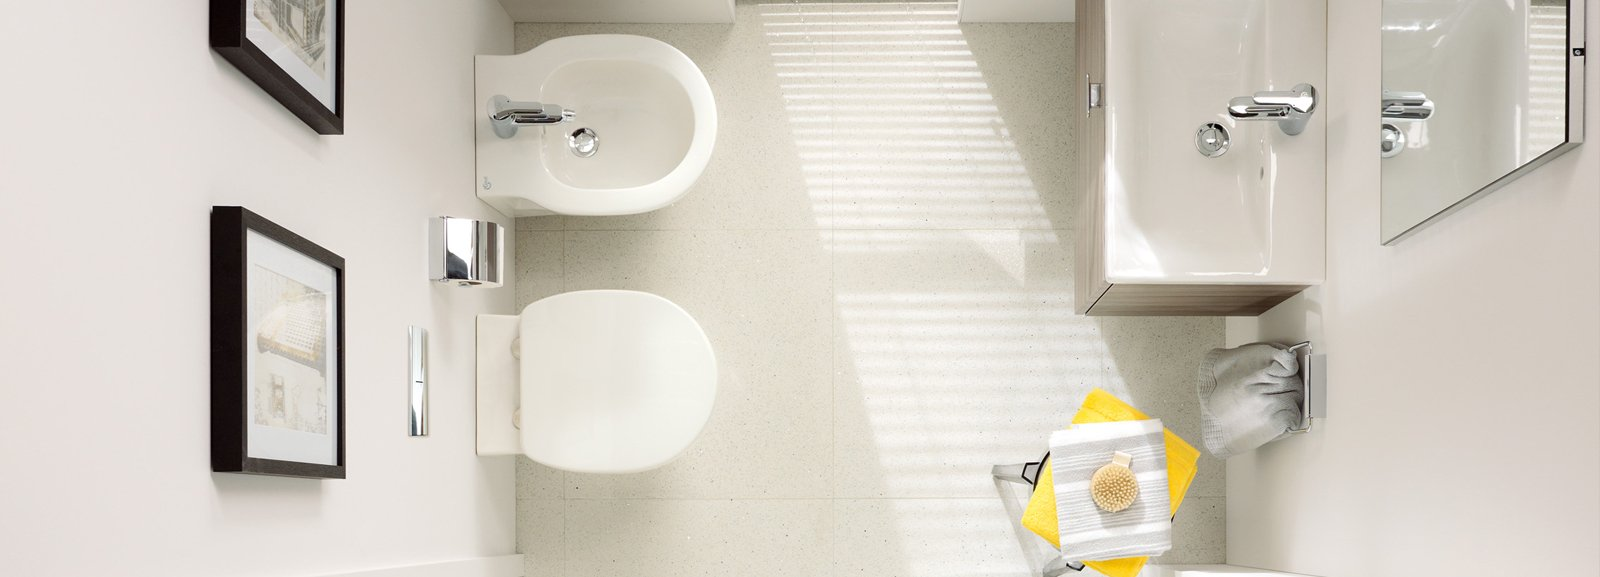 Bagno piccolo soluzioni piccole cose di casa - Sanitari bagno dimensioni ...